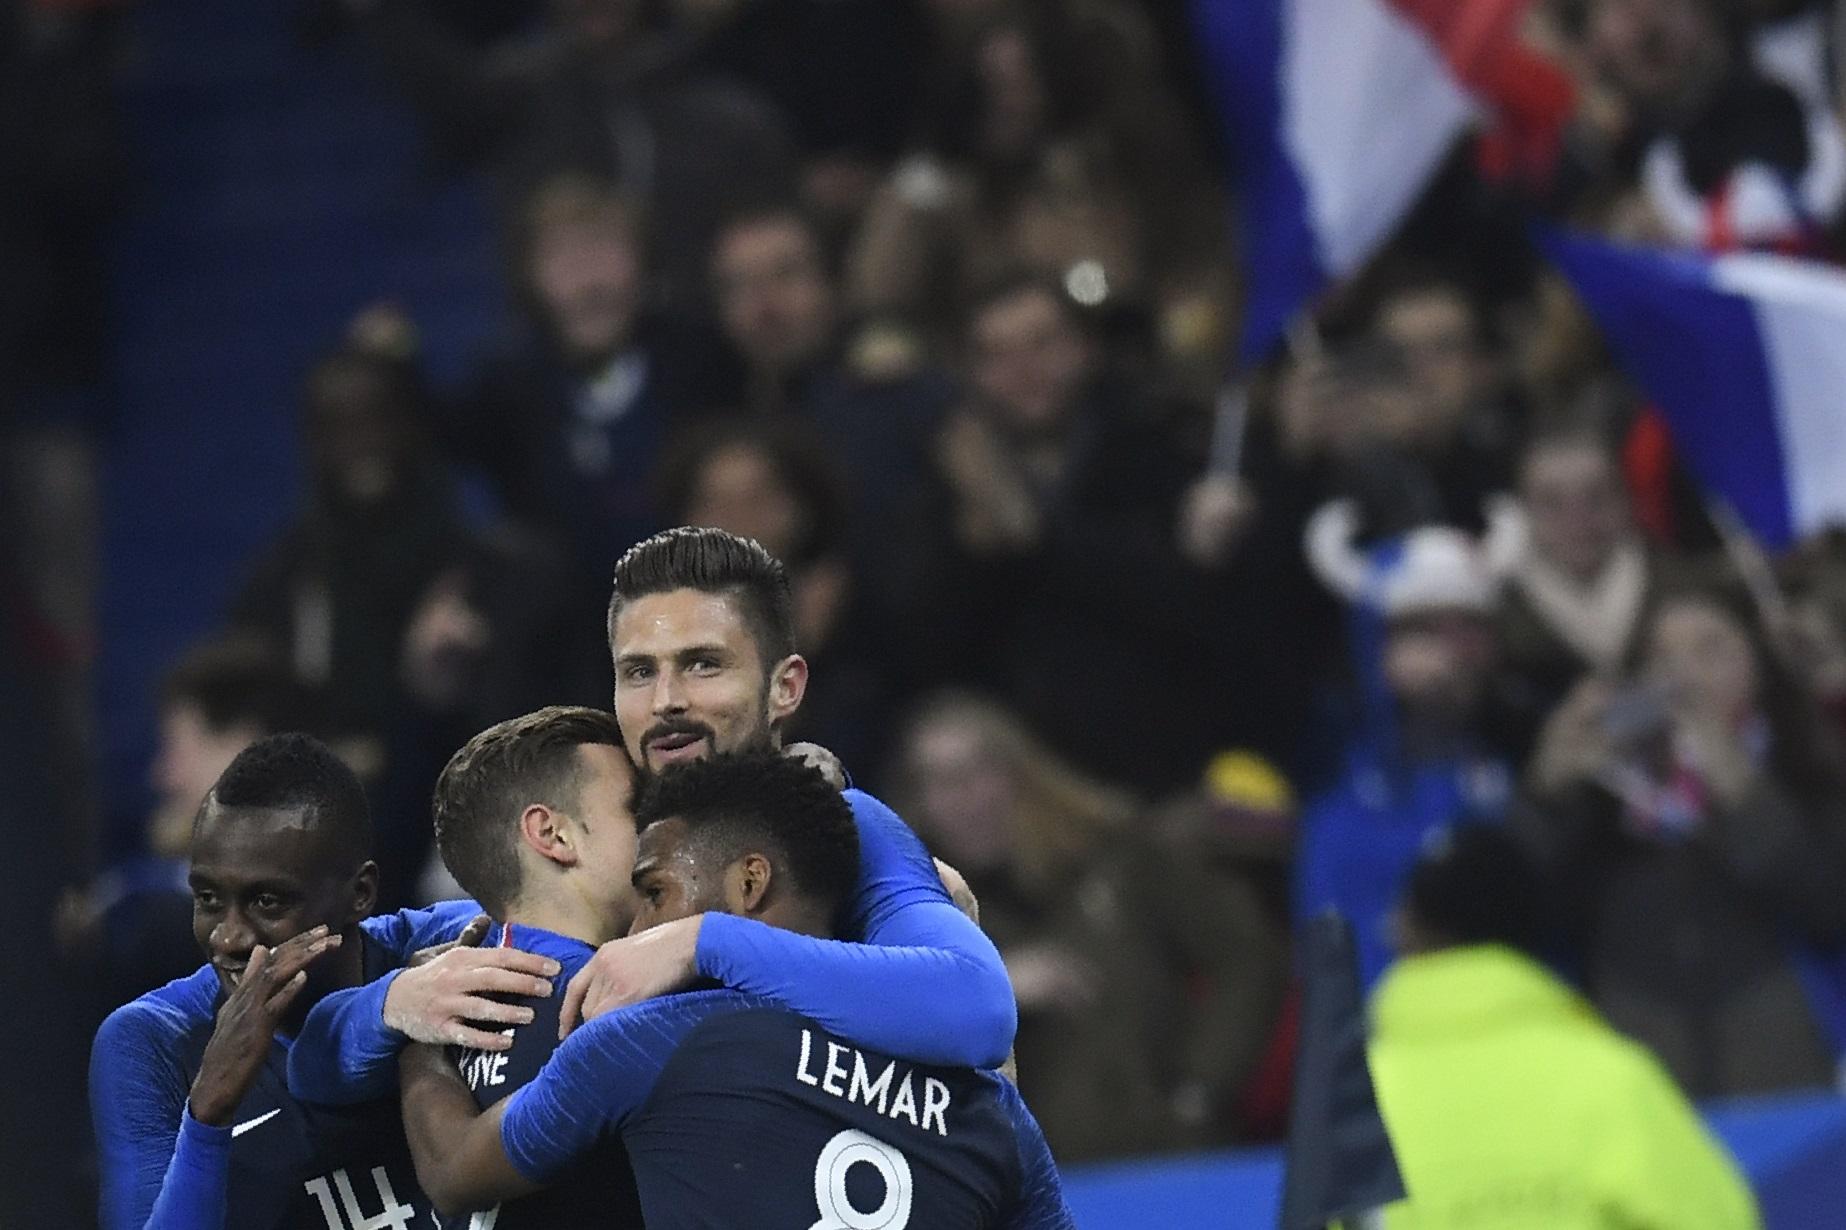 EN IMAGES. Mbappé réclamé par les journalistes, Giroud vexé